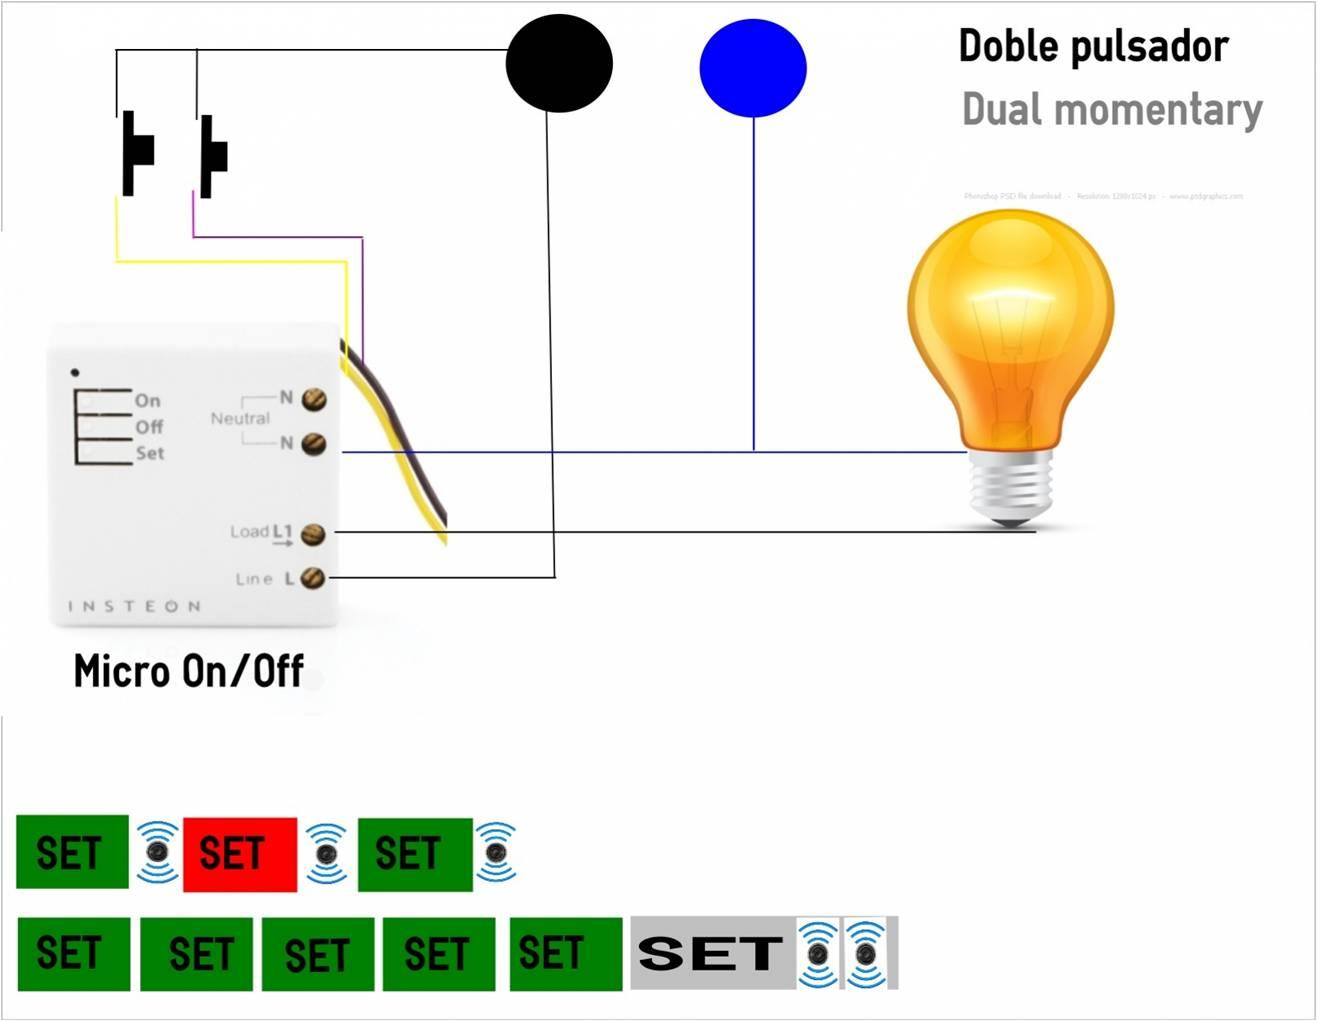 Micromodulo Insteon On/Off controlado mediante doble pulsador